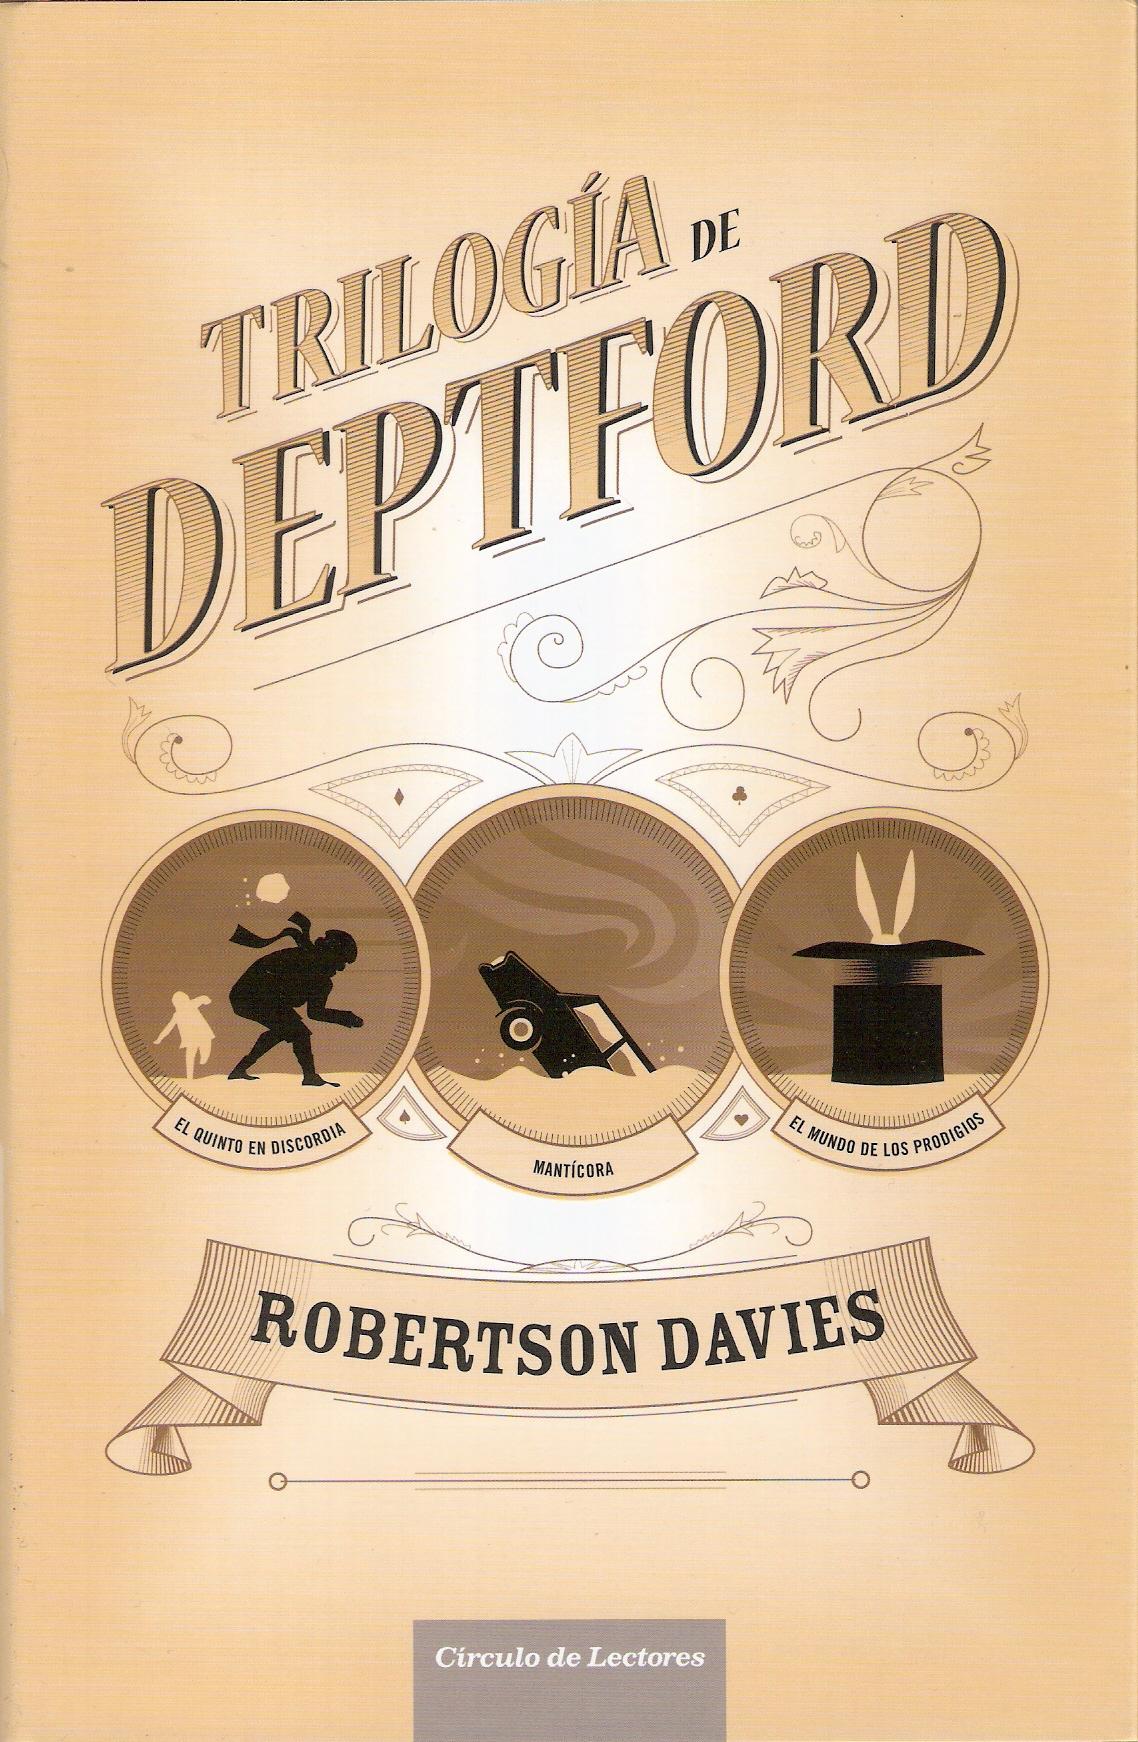 Trilogía de Deptford